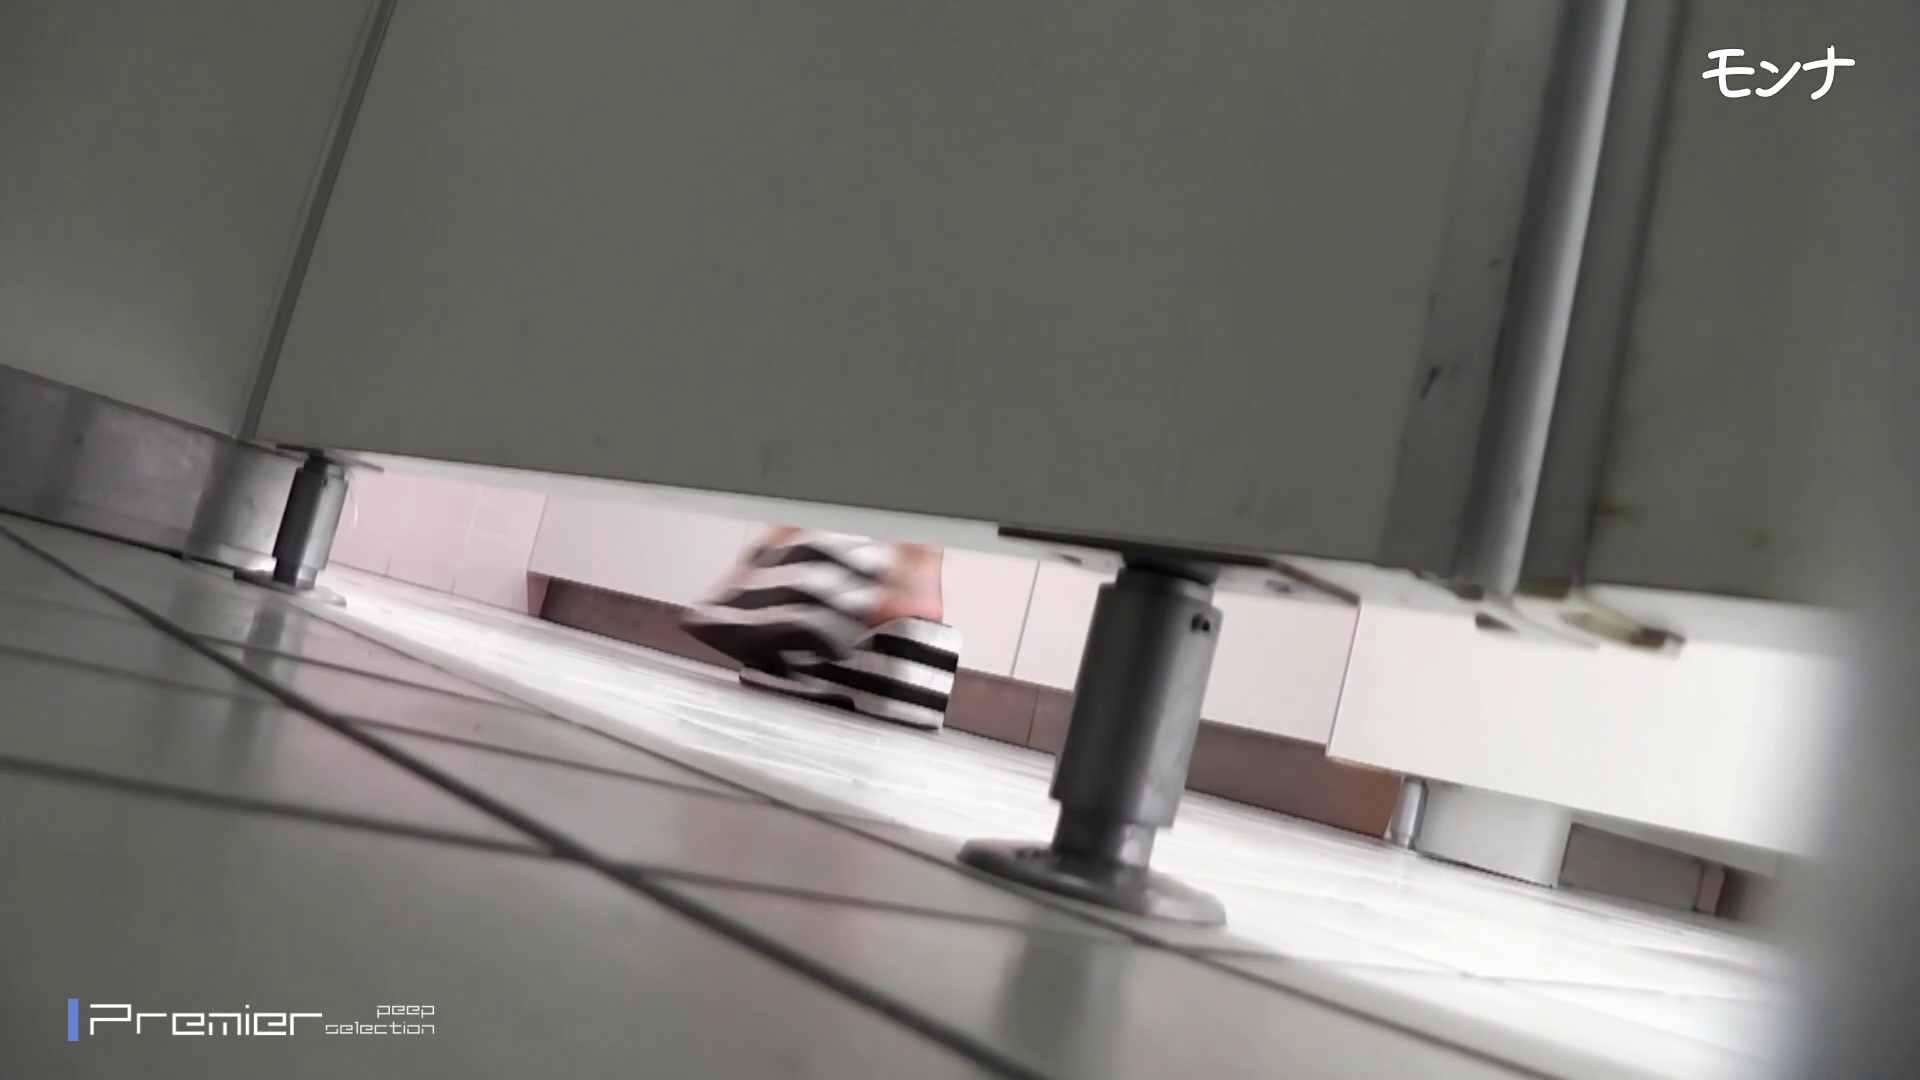 美しい日本の未来 No.75 たまらないくびれ 2 生え茂る 細身・スレンダー アダルト動画キャプチャ 76画像 13